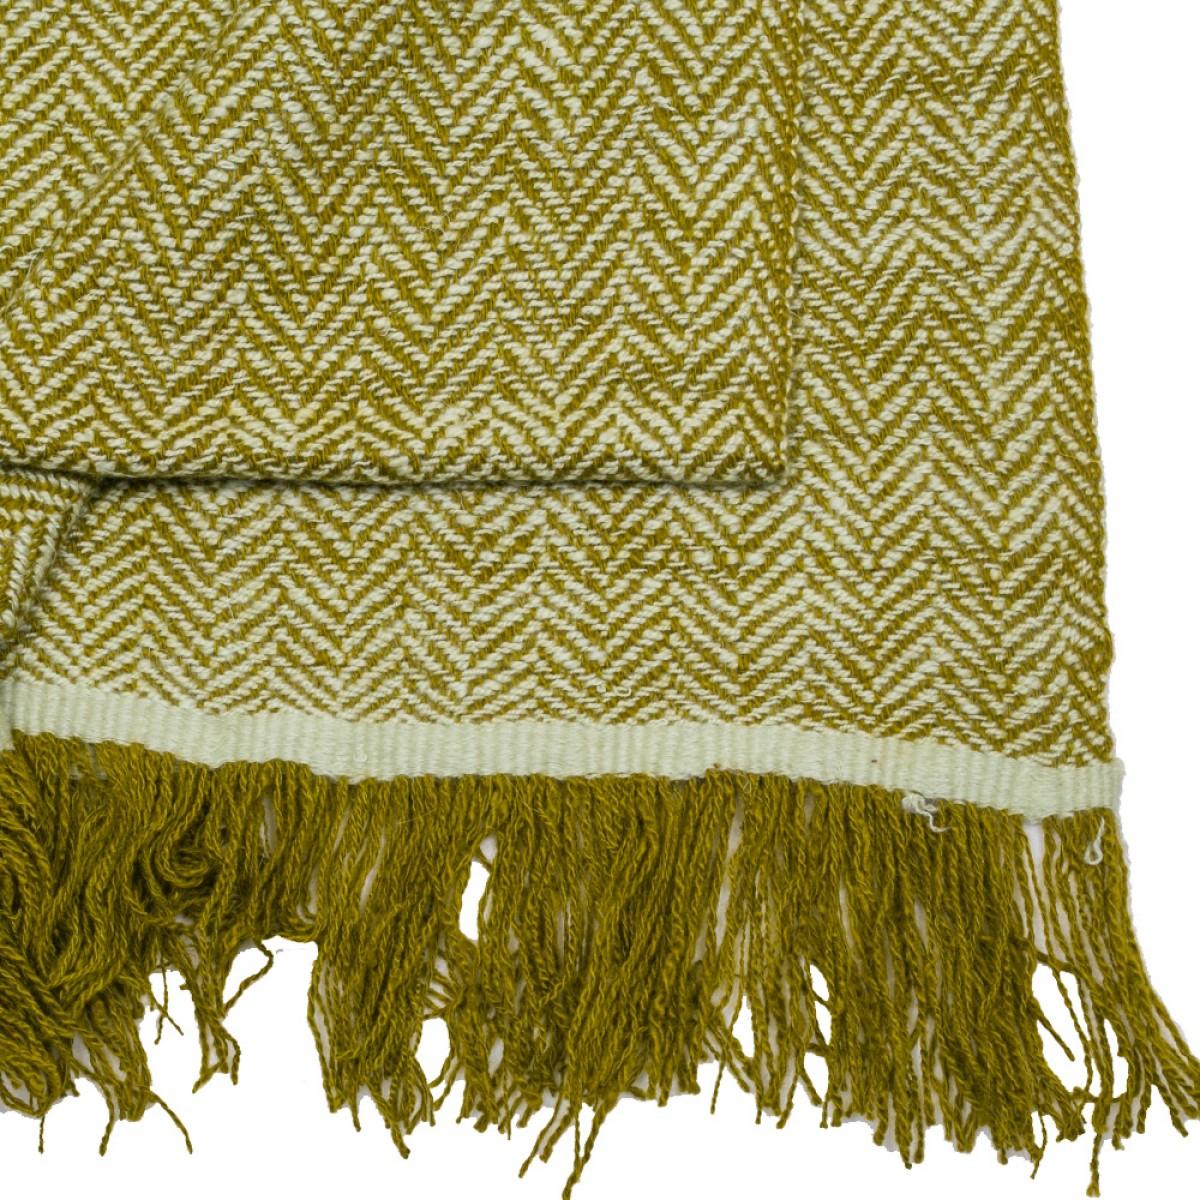 Olive Herringbone Weave Cashmere Blanket